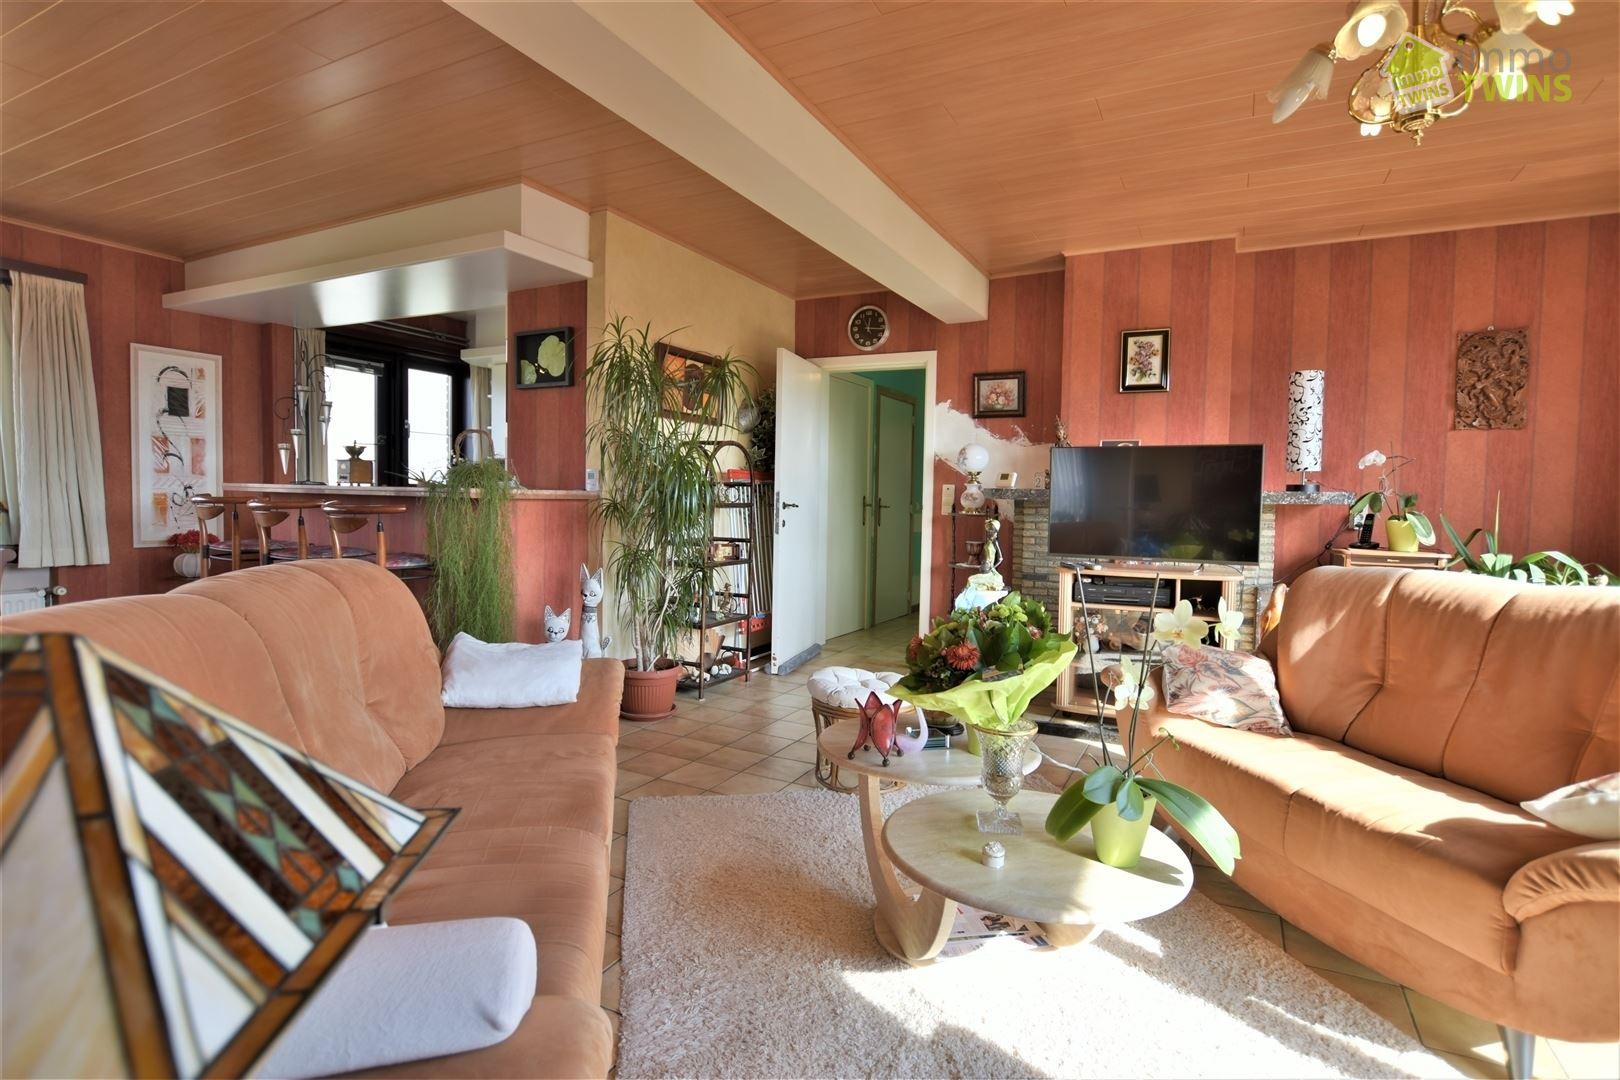 Foto 3 : Appartement te 9300 AALST (België) - Prijs € 224.000